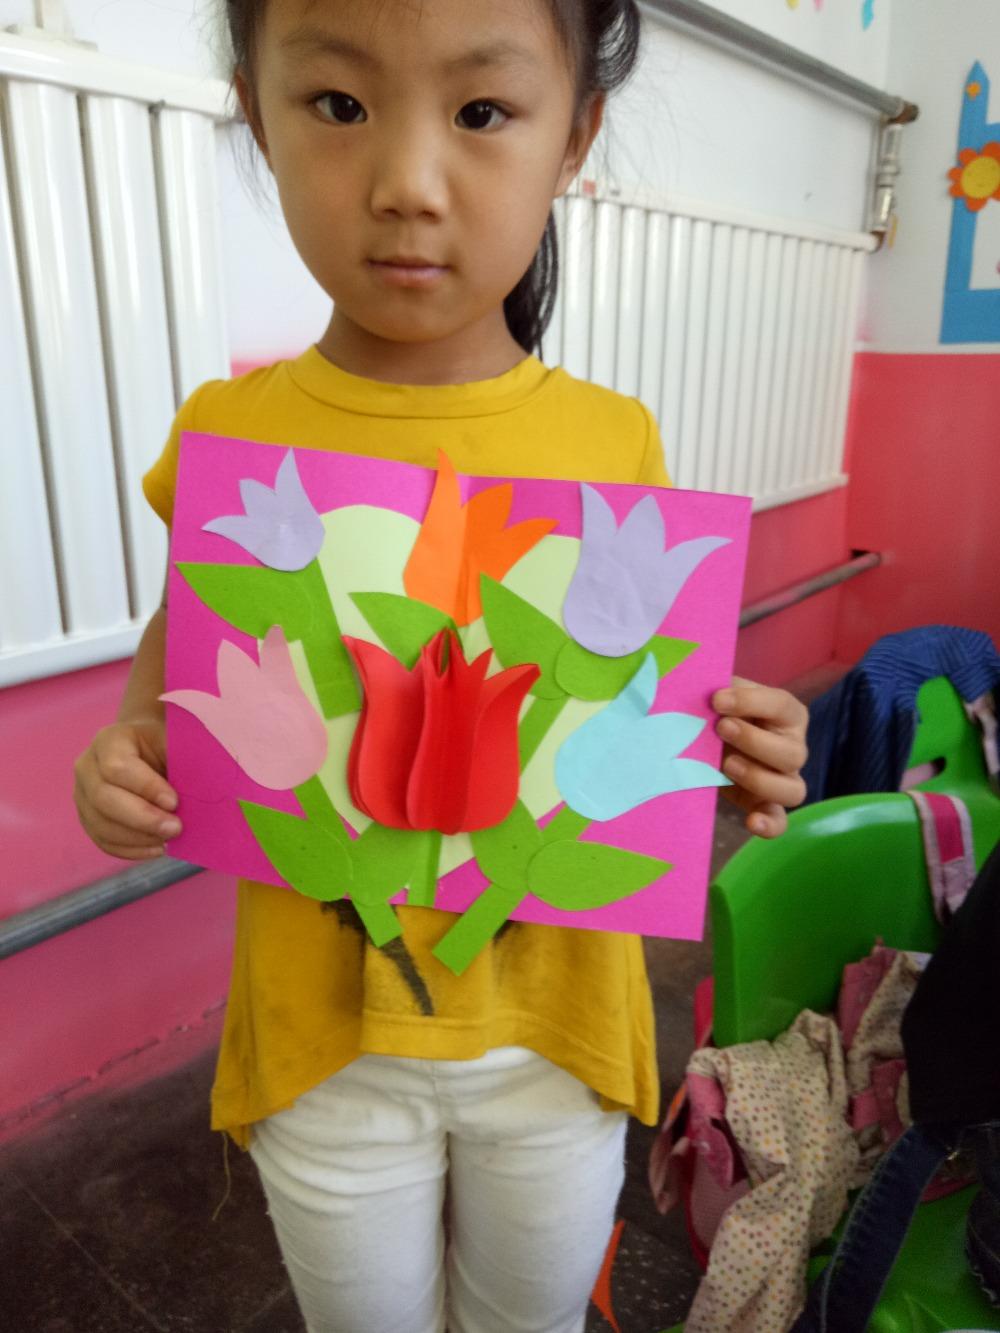 孩子给老师制作的节日贺卡,棒棒哒!